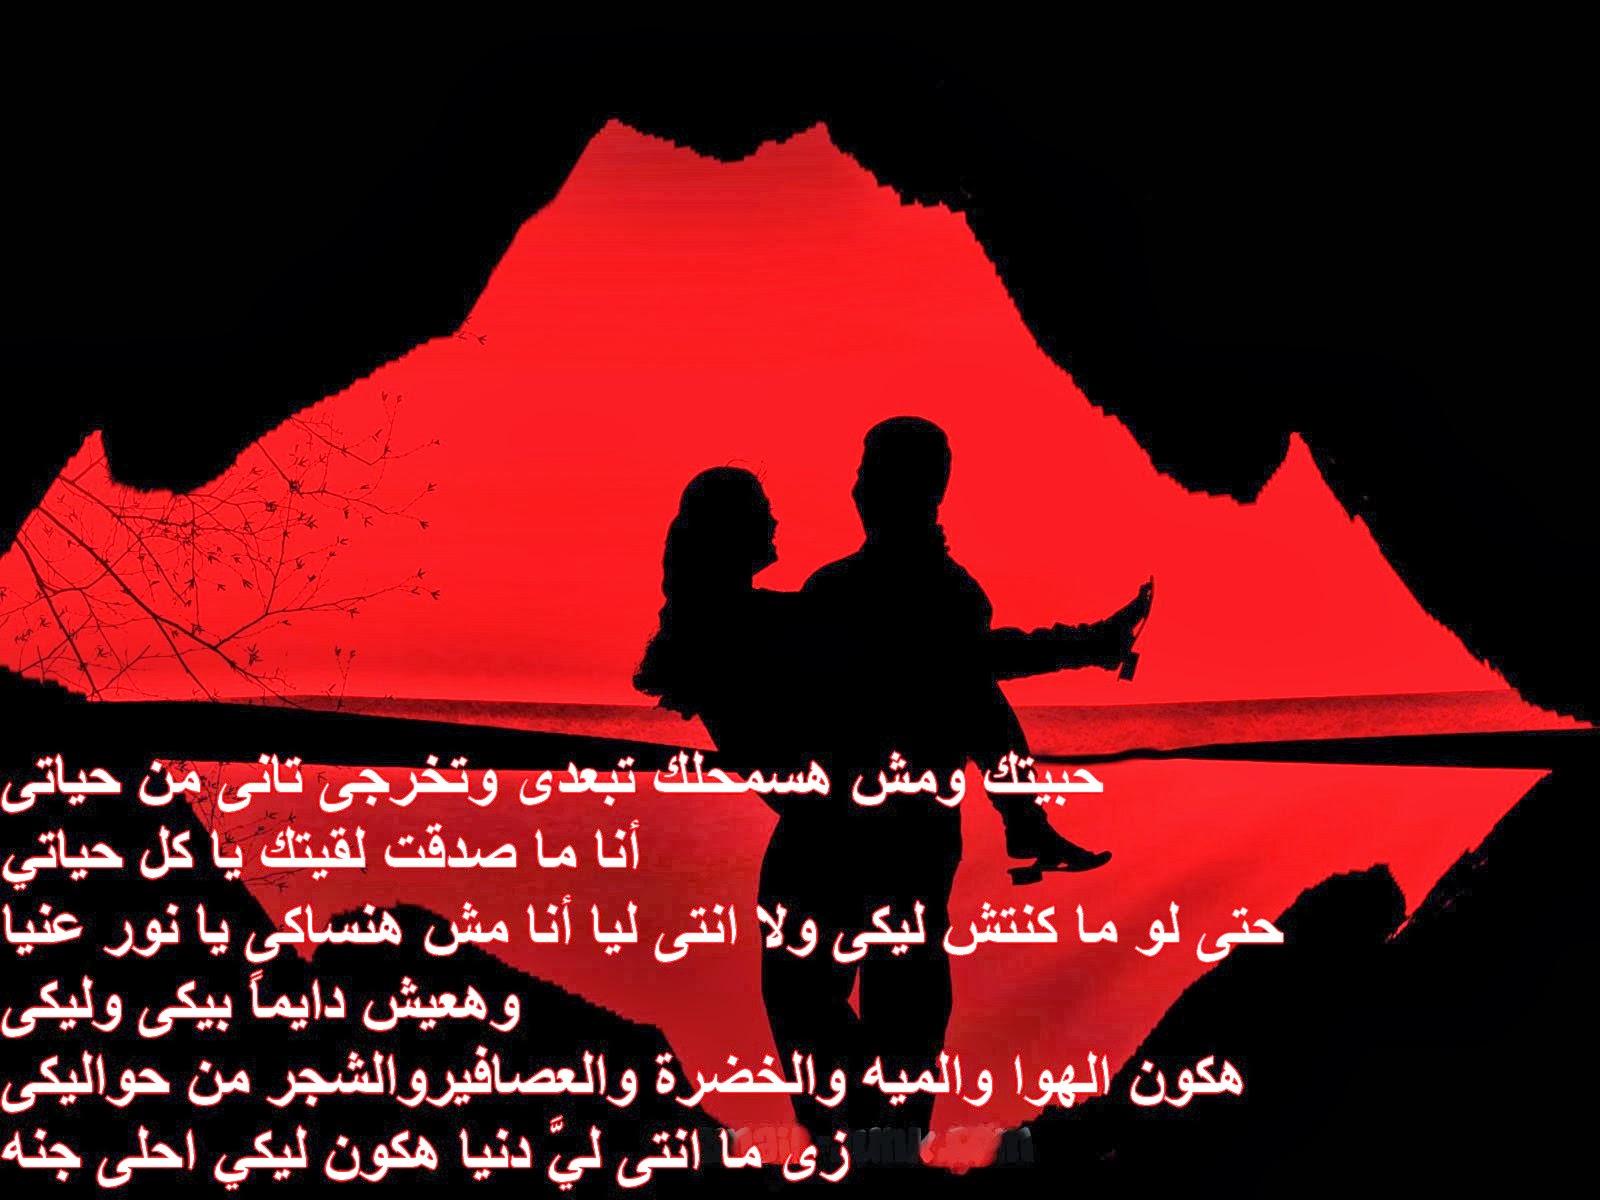 بالصور اجمل ماقيل عن الحب الحقيقي , بالصور كلمات راقيه عن الحب الحقيقى 5722 7